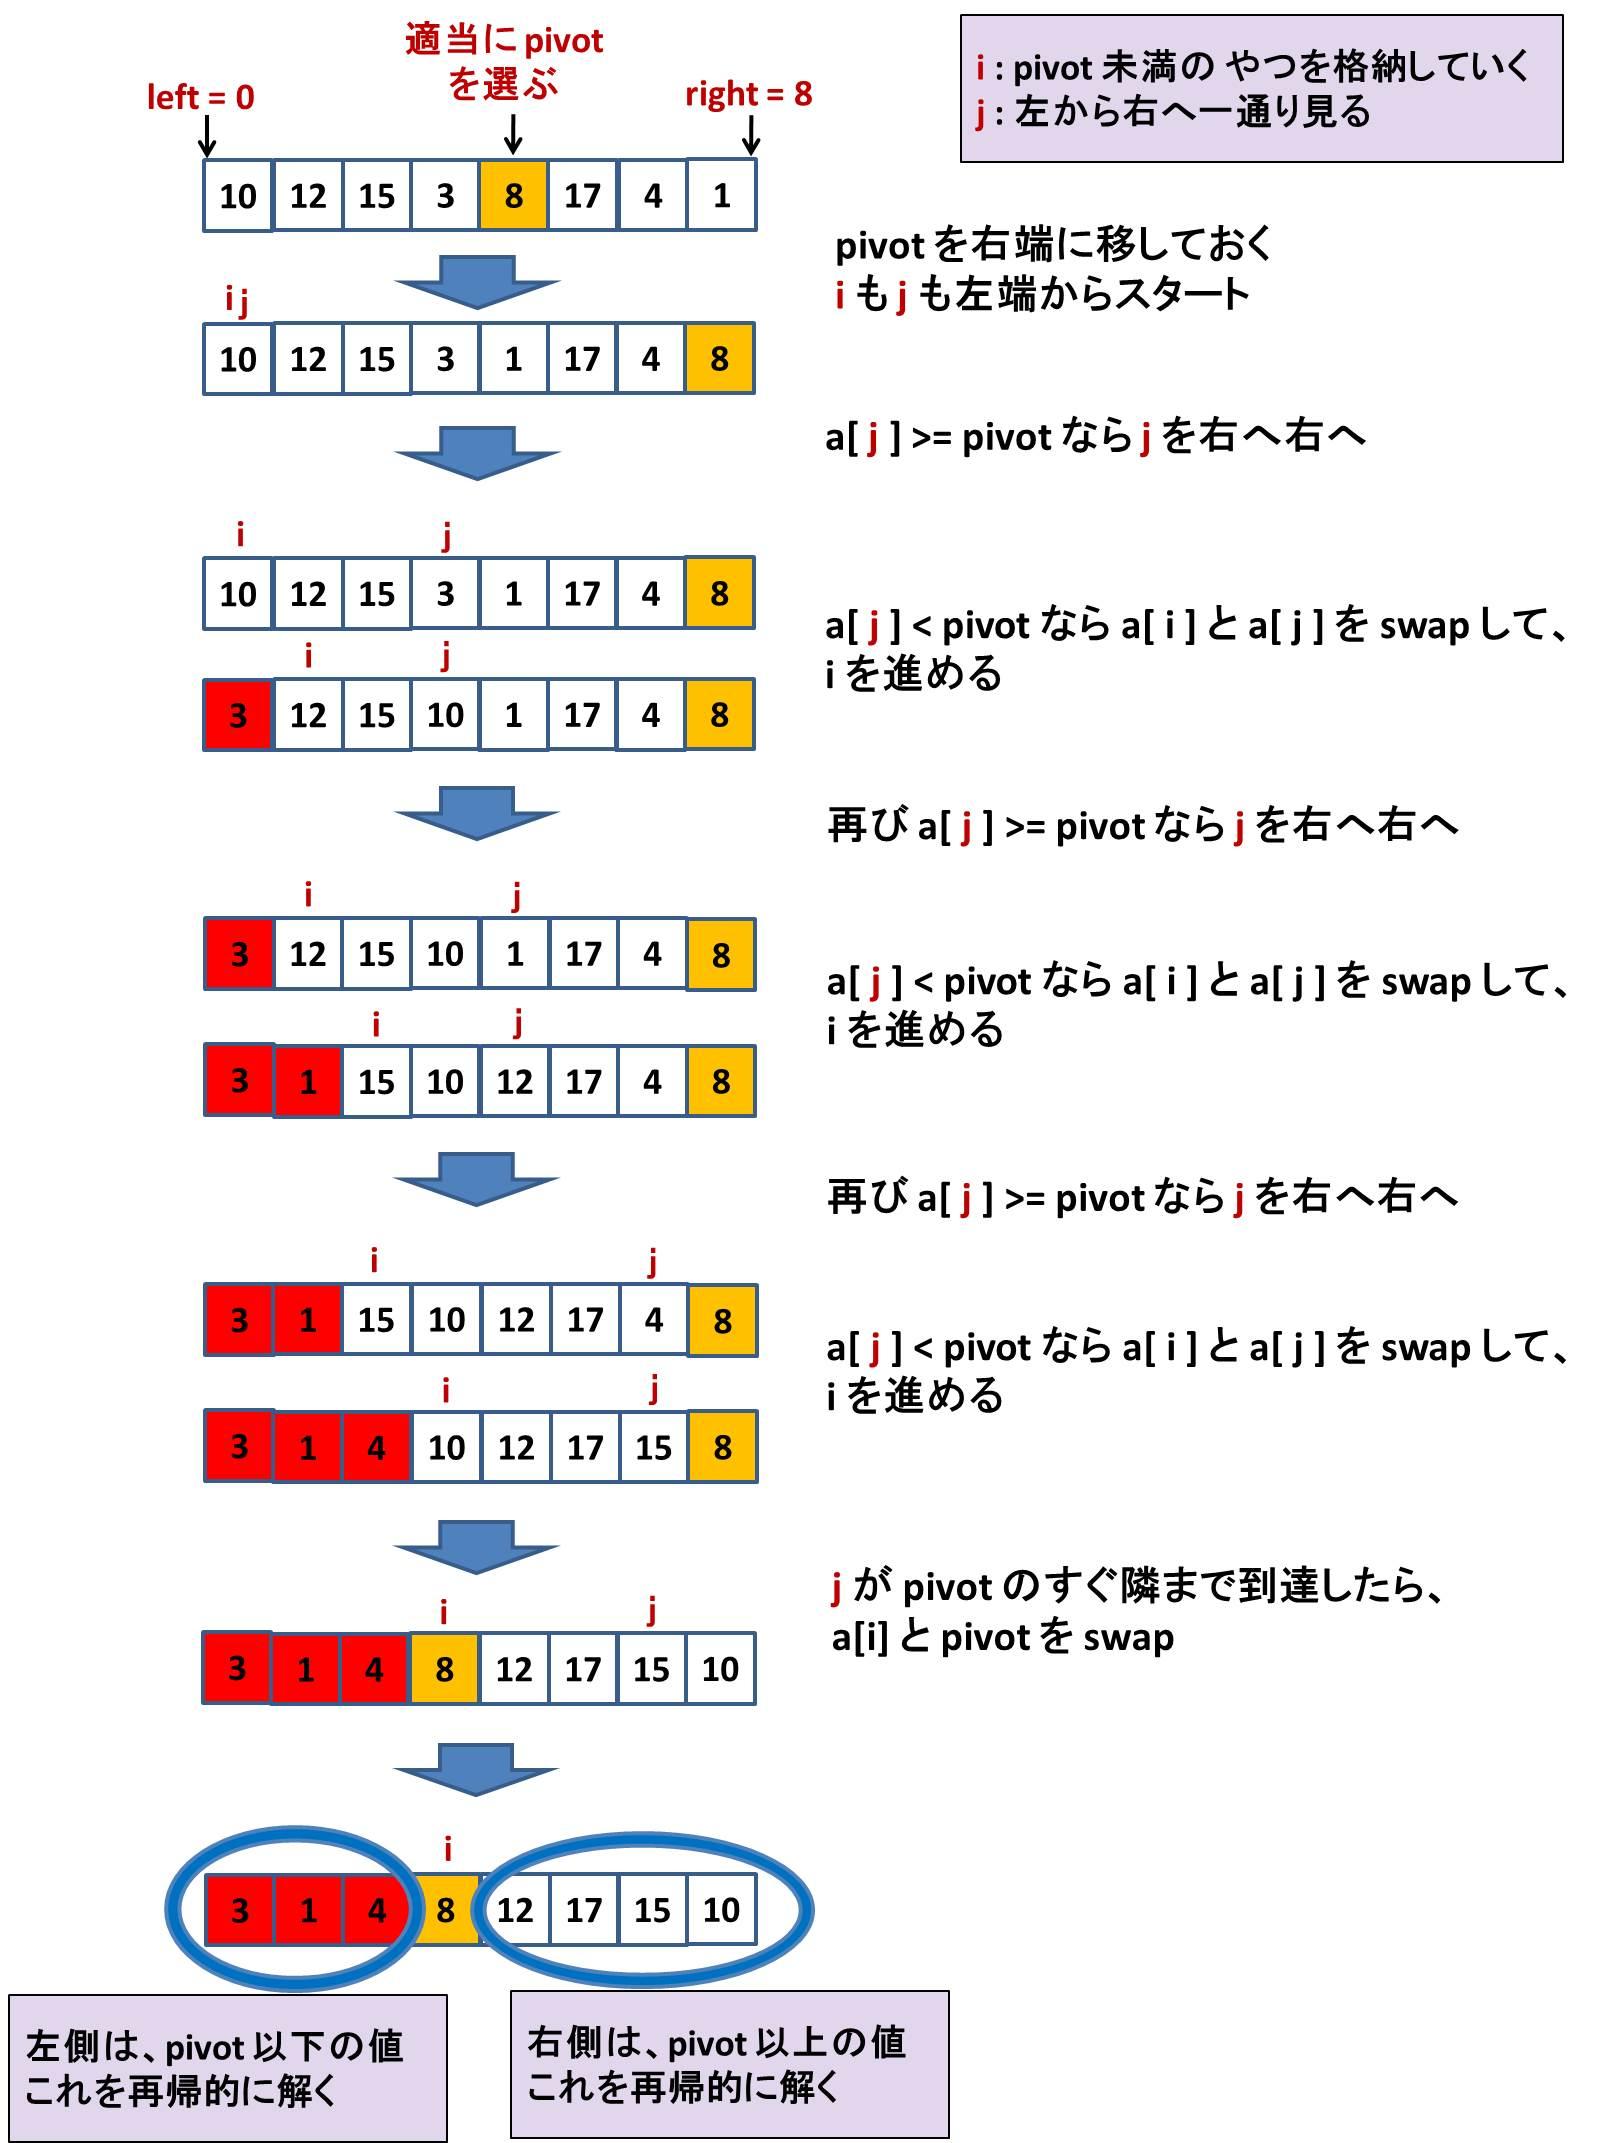 クイックソート詳細.jpg